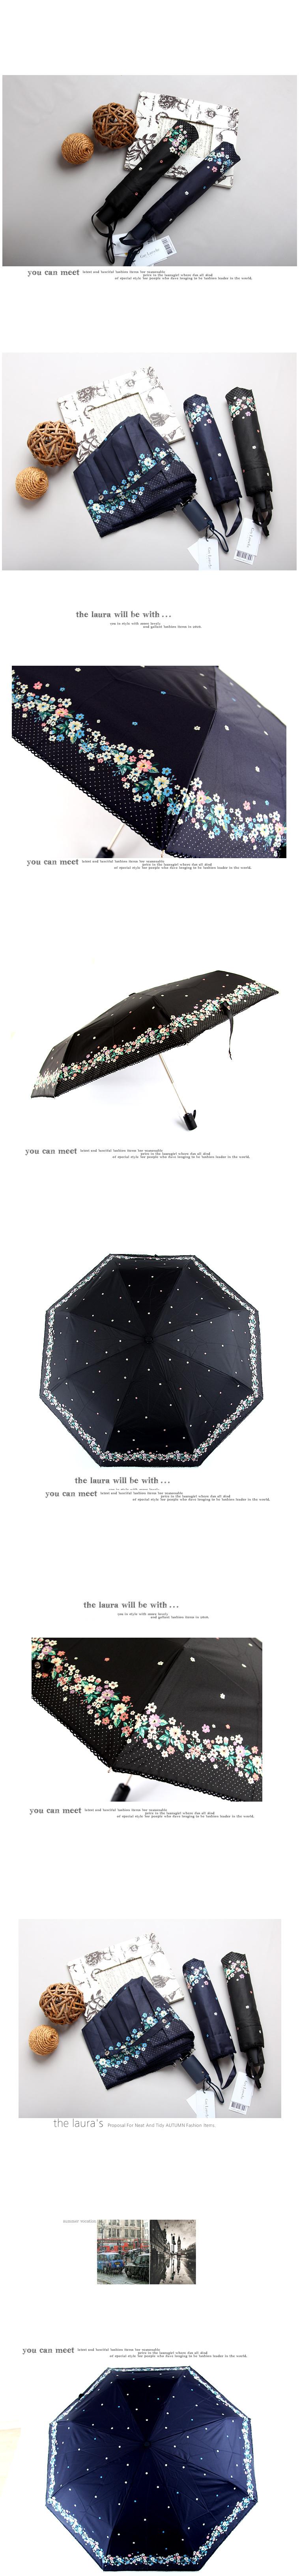 기라쉬 완자 3단 우산 - 가든 플라워 E908 - 더 로라, 18,900원, 우산, 자동3단/5단우산